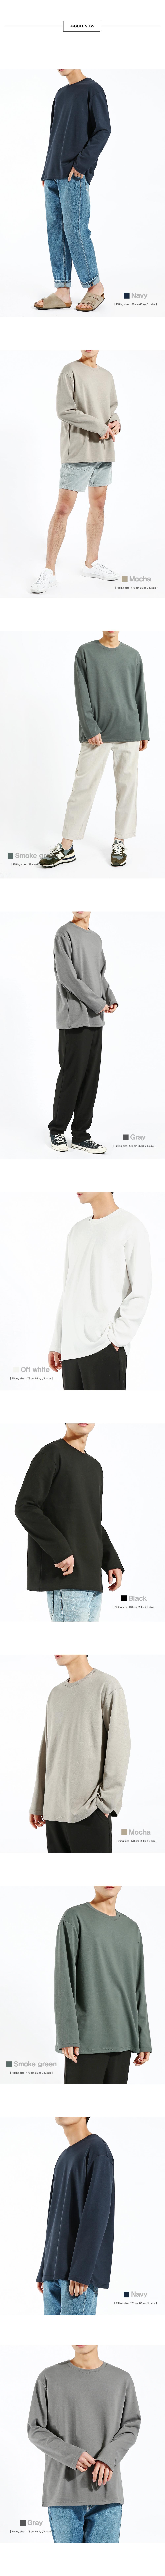 브렌슨(BRENSON) 소프트워싱 Errday 루즈핏 긴팔 티셔츠 6컬러